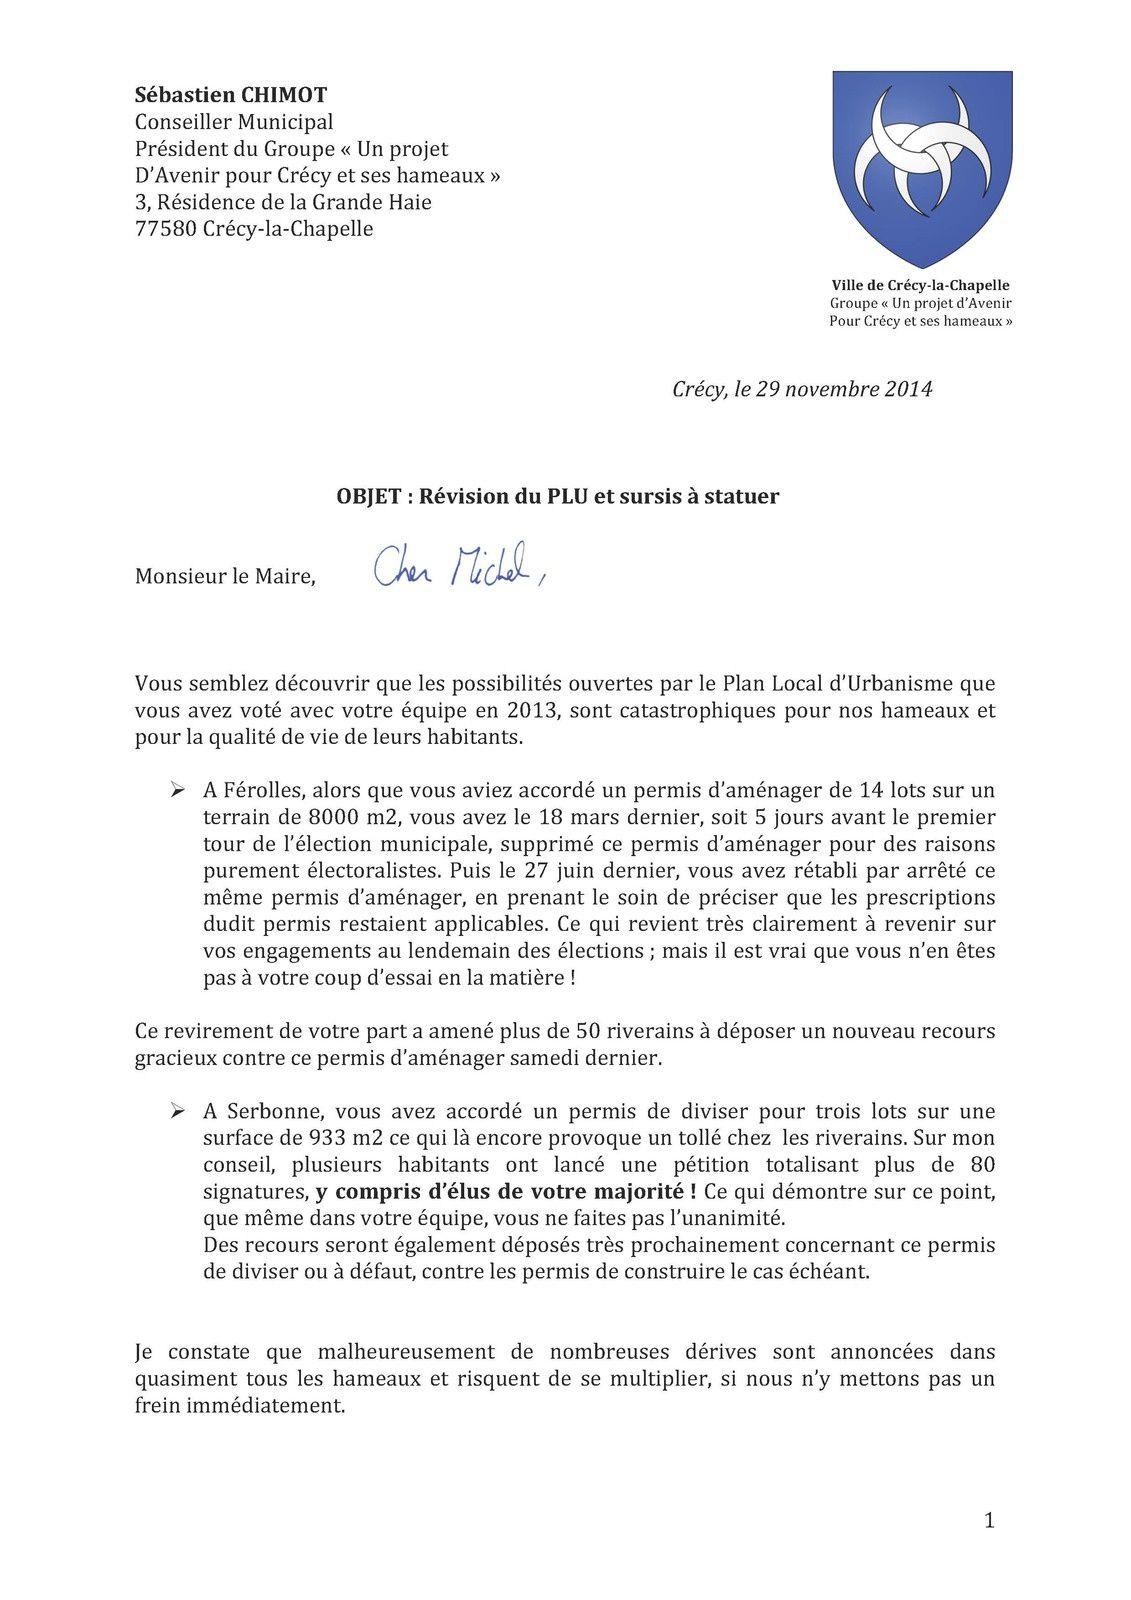 Je demande officiellement une révision du P.L.U à Crécy pour stopper les dérives dans nos hameaux